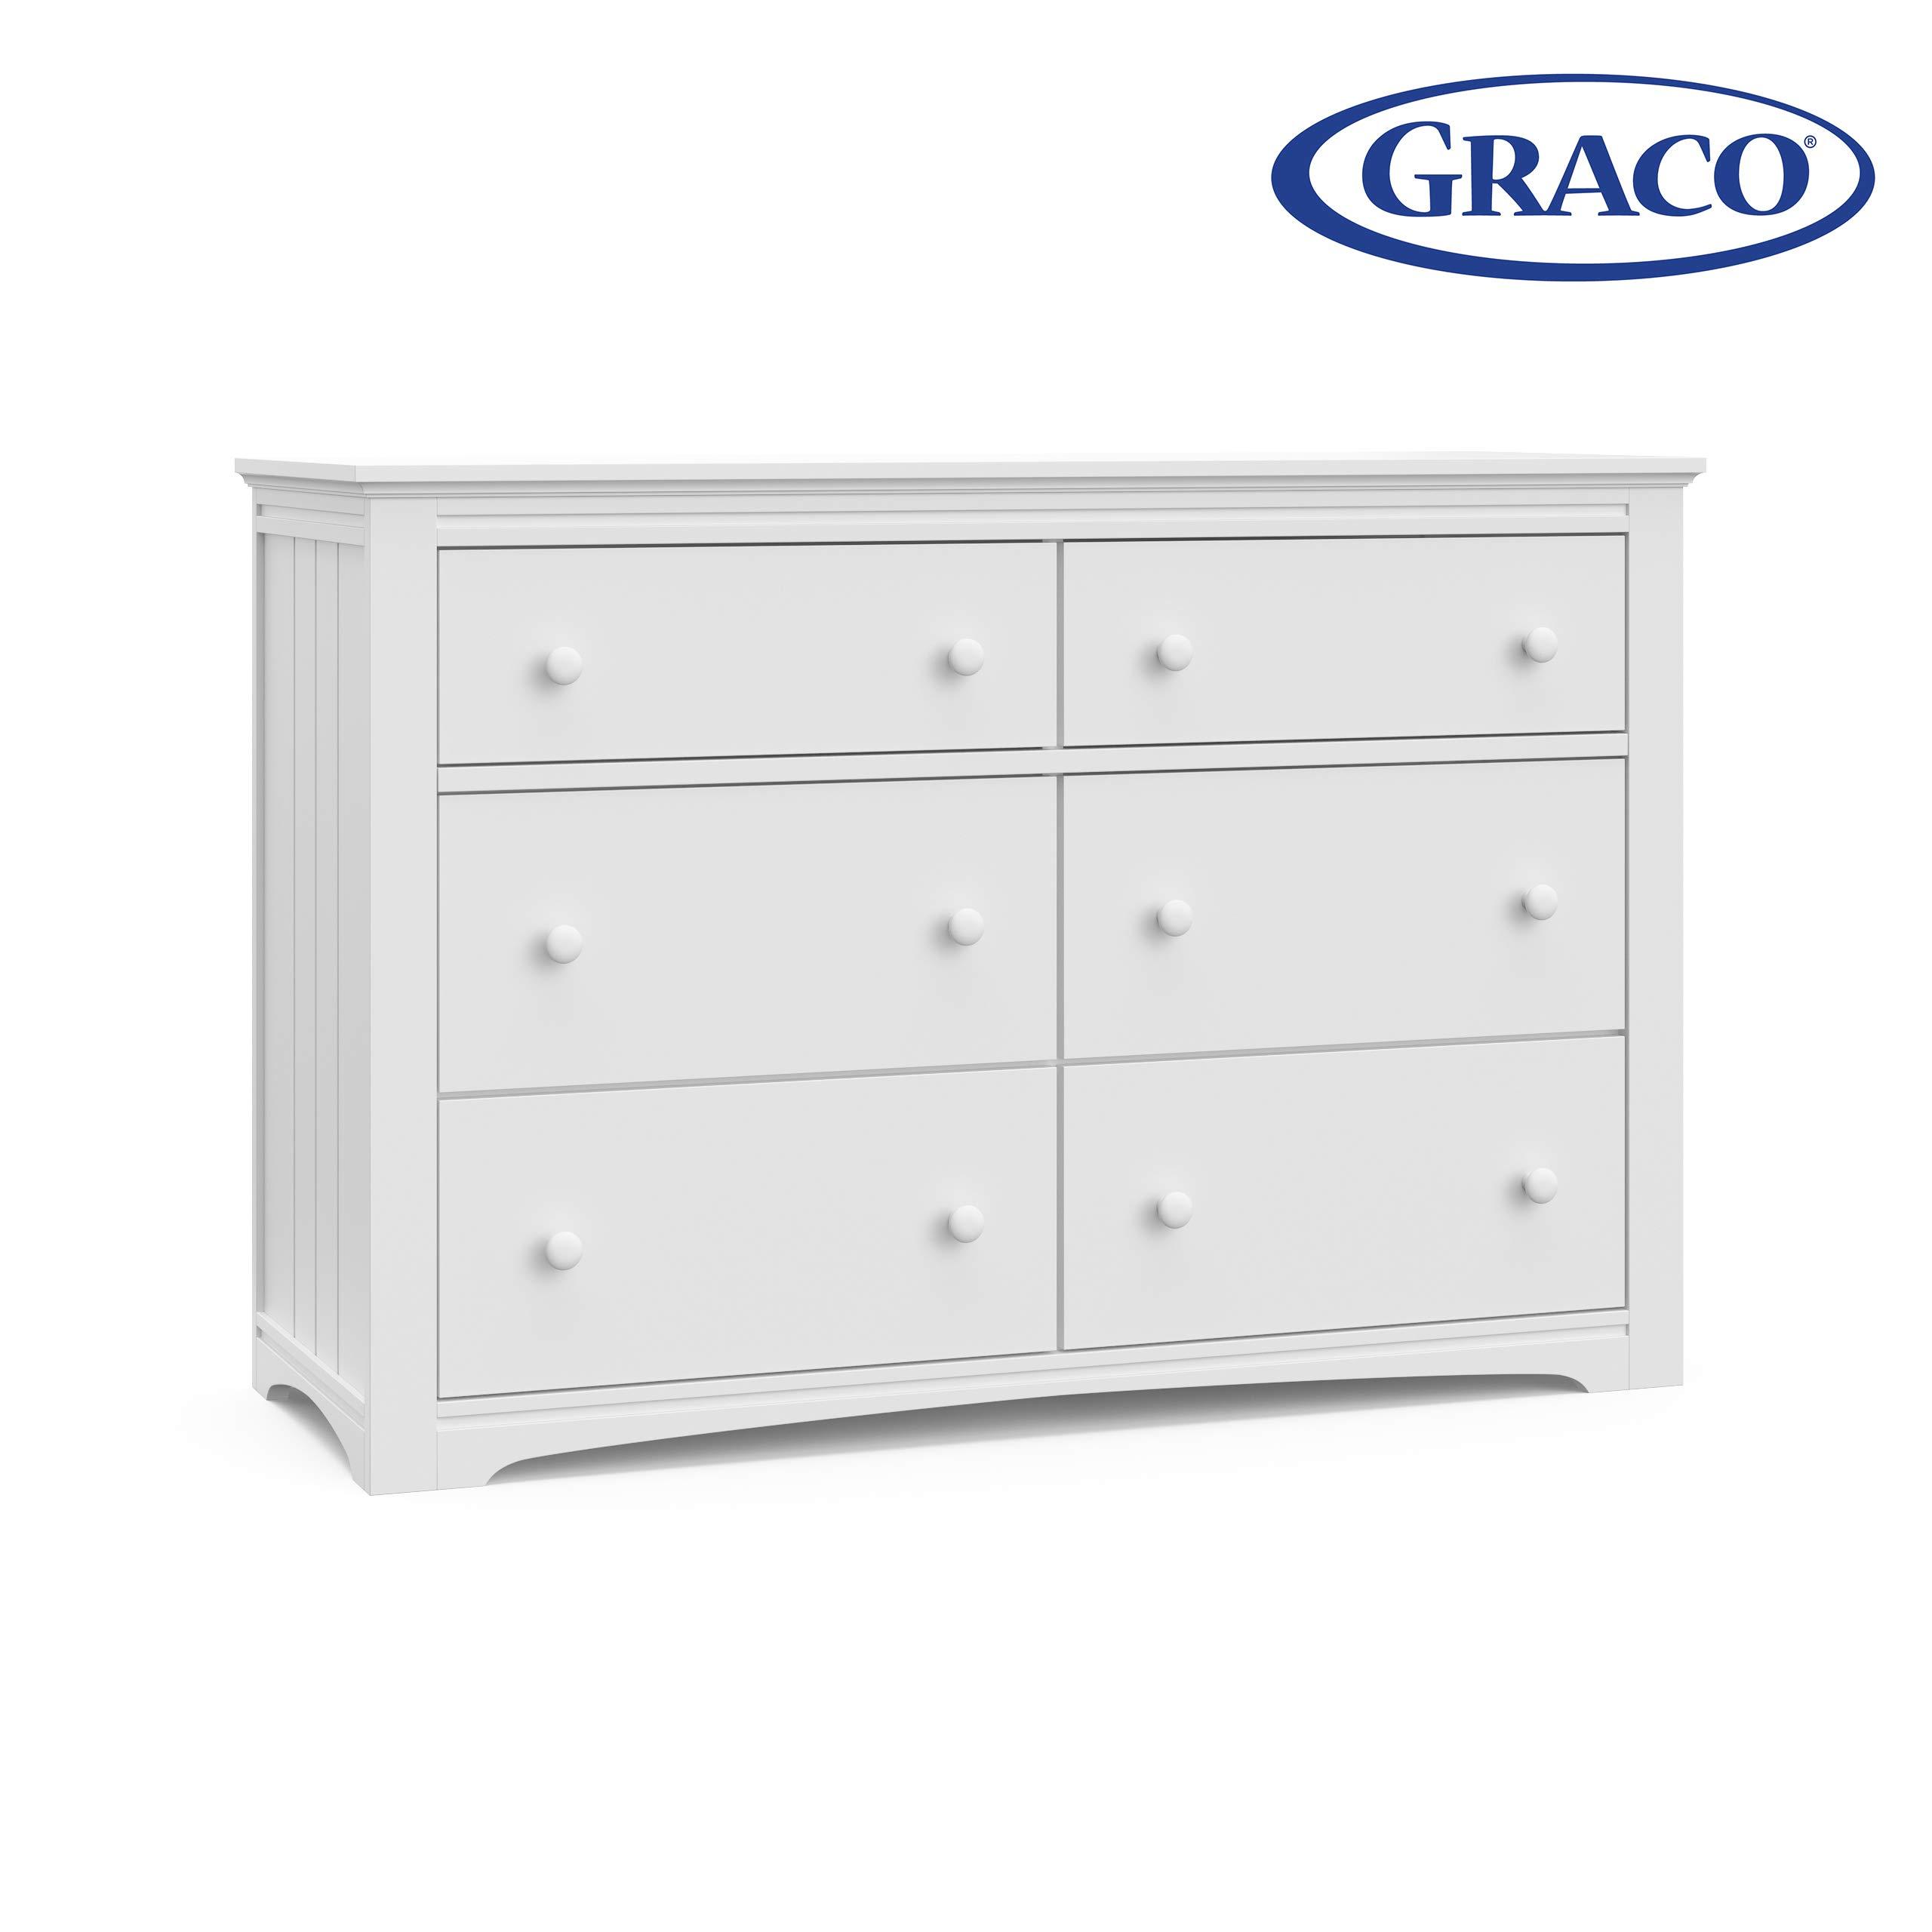 Storkcraft 03706-101 Graco Hadley 6 Drawer (White) Dresser, by Stork Craft